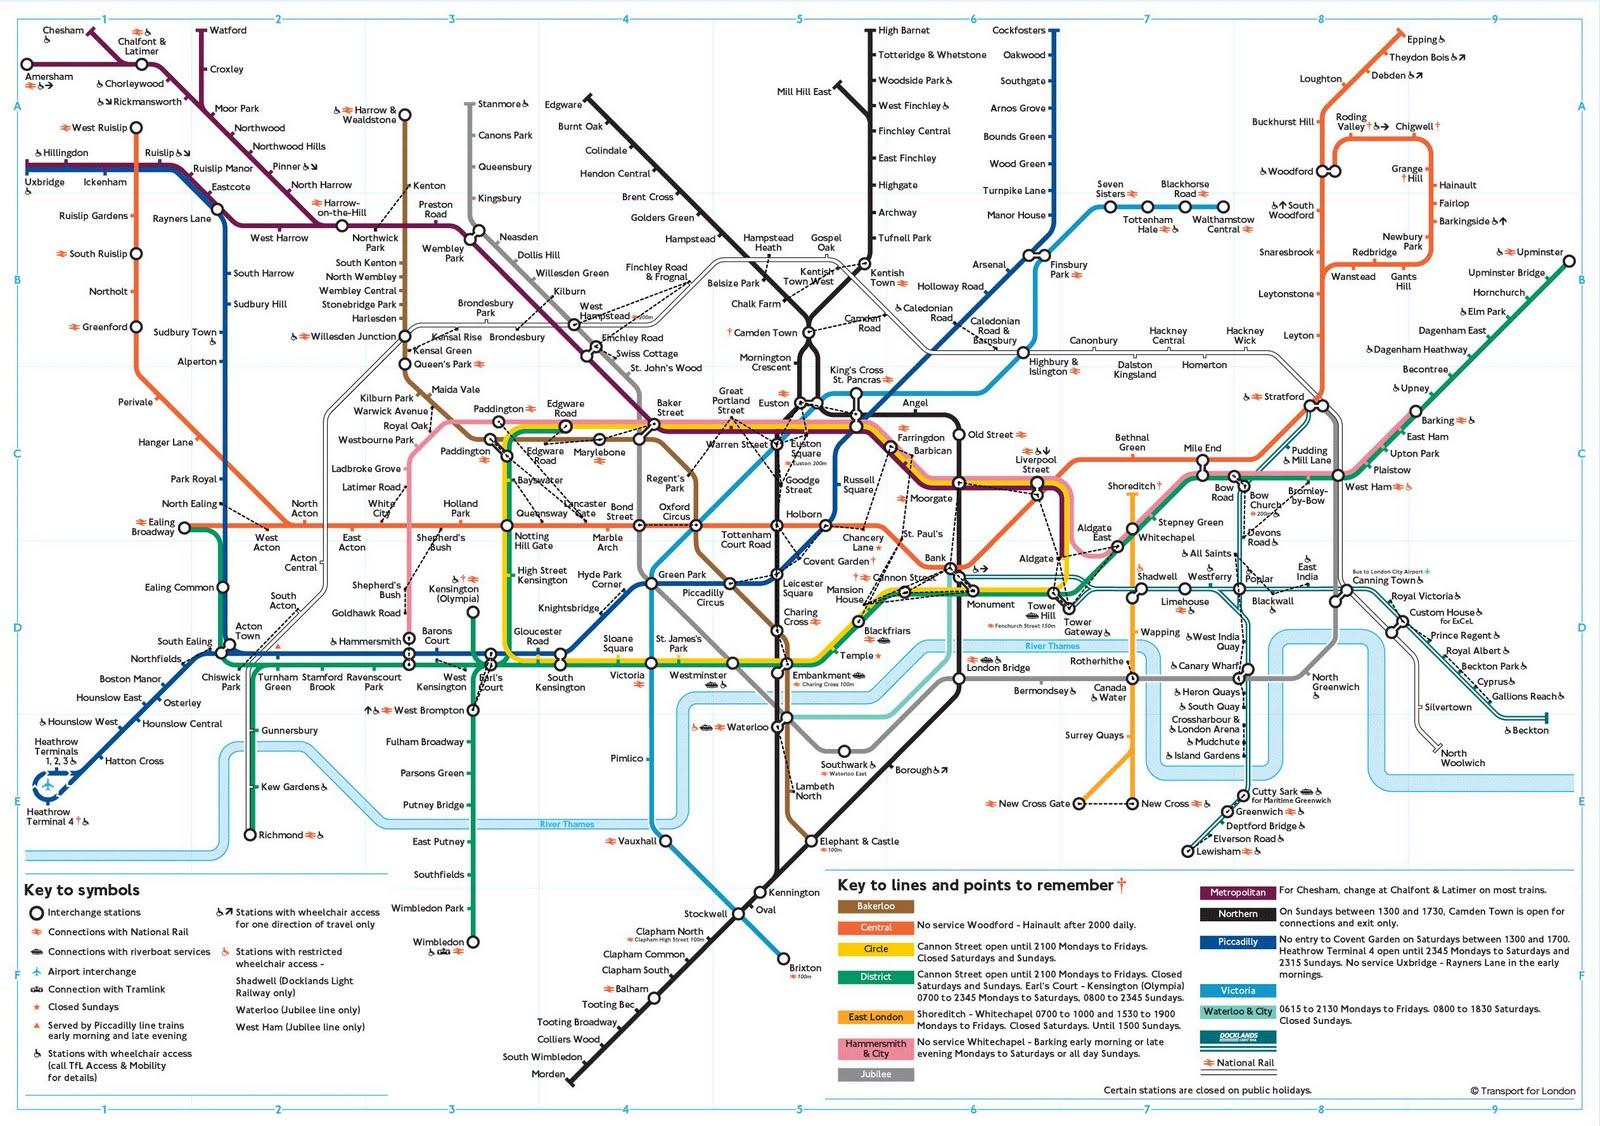 London Underground Subway Map.Wall It London Subway Map